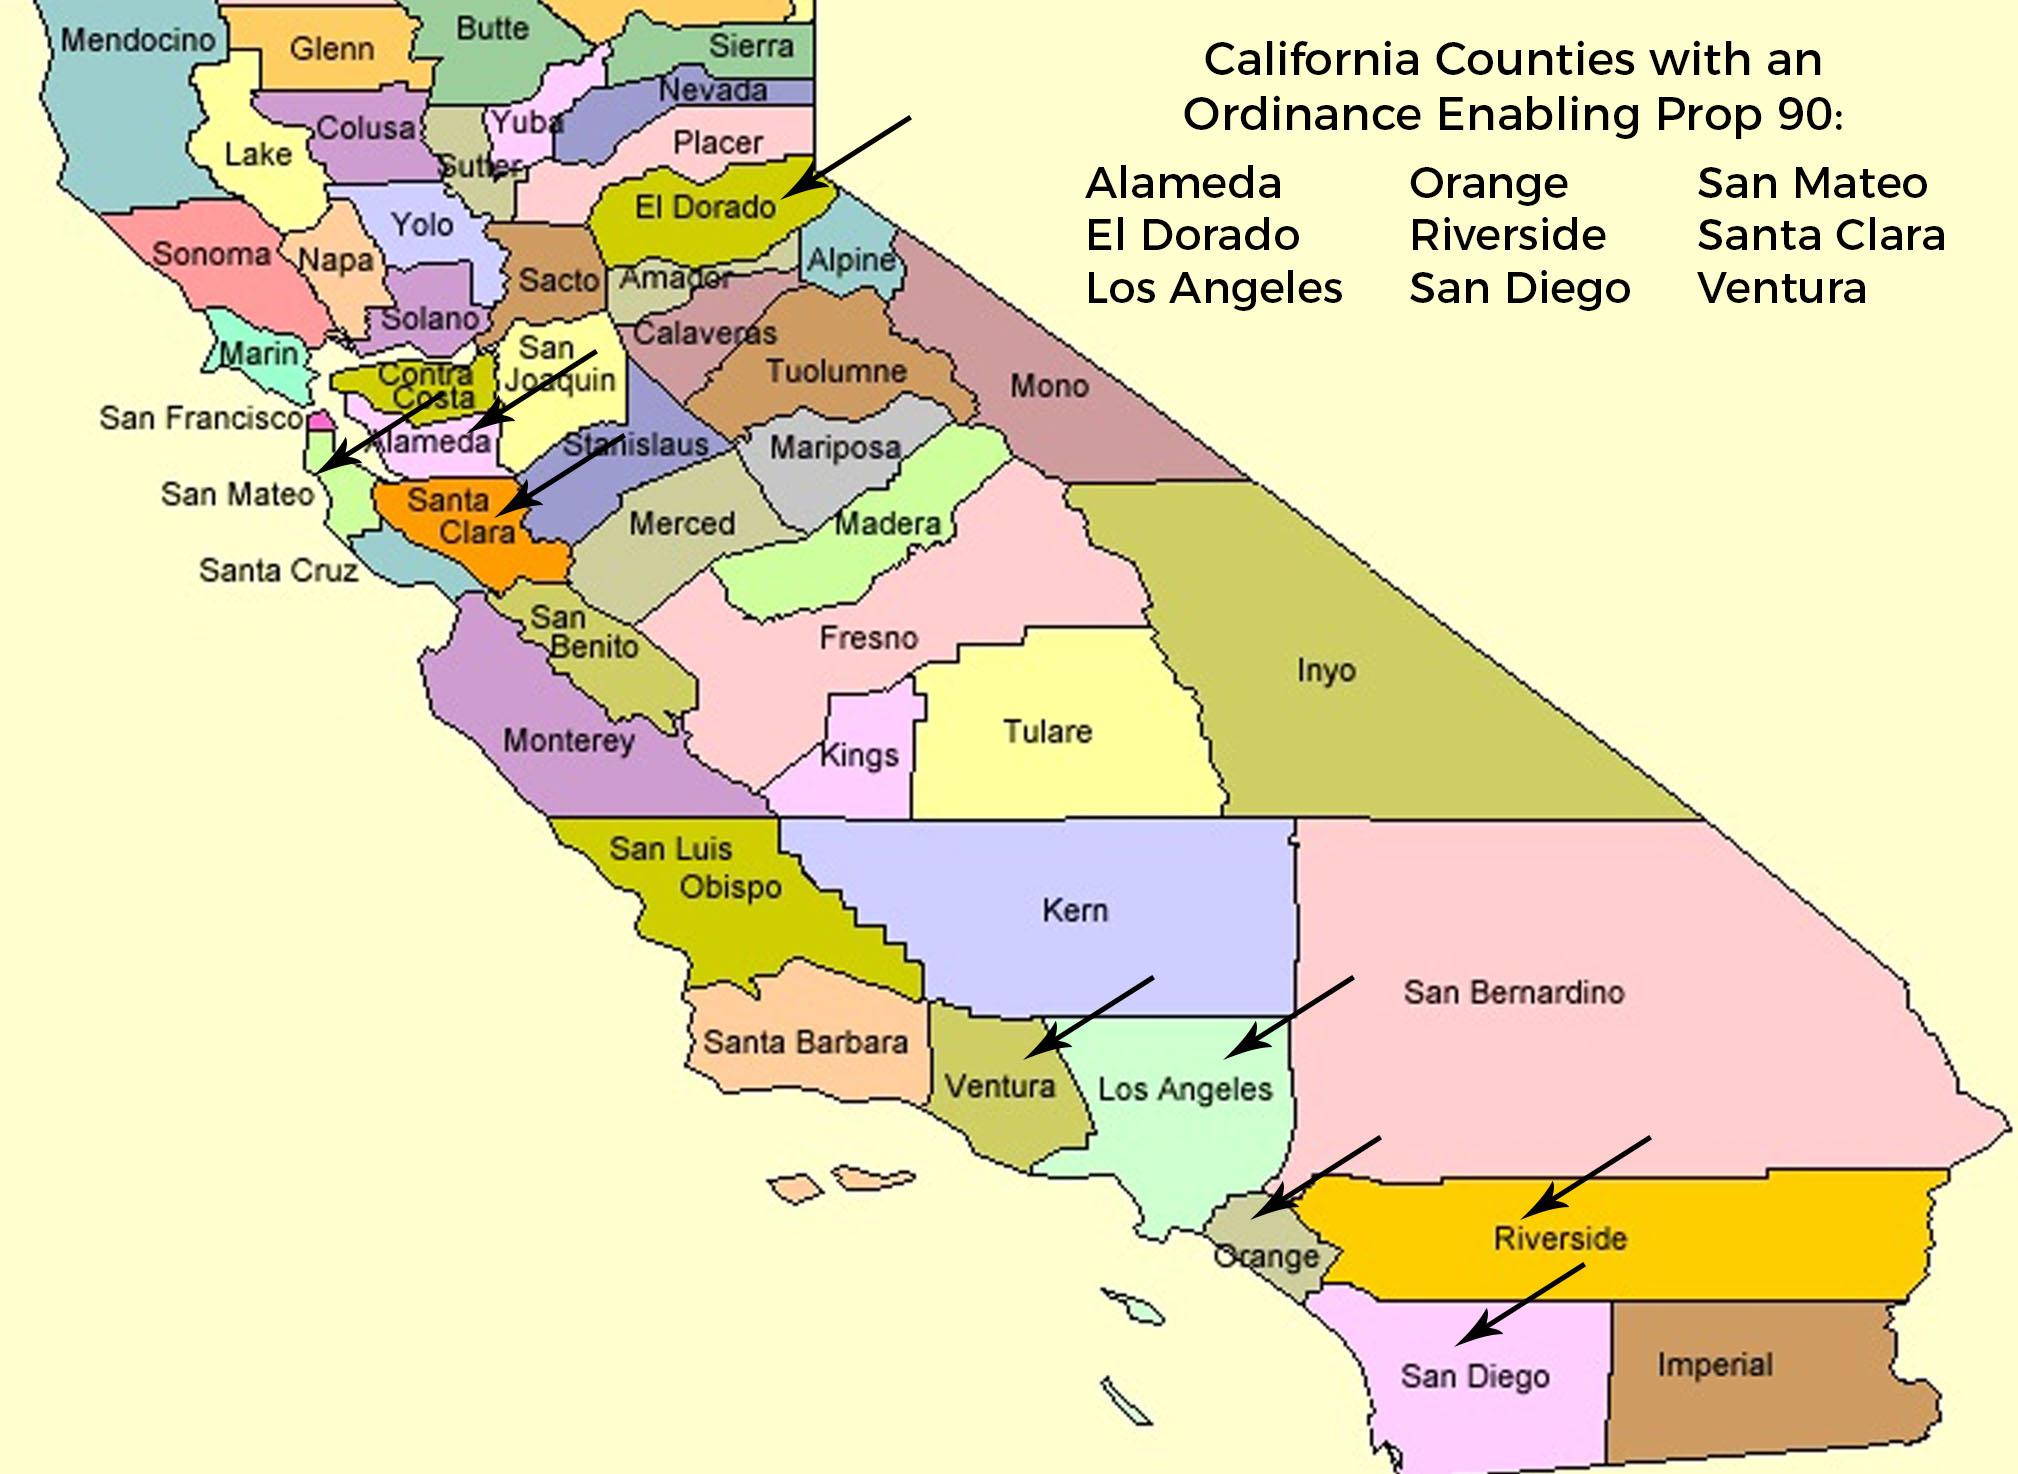 Prop 90 Counties